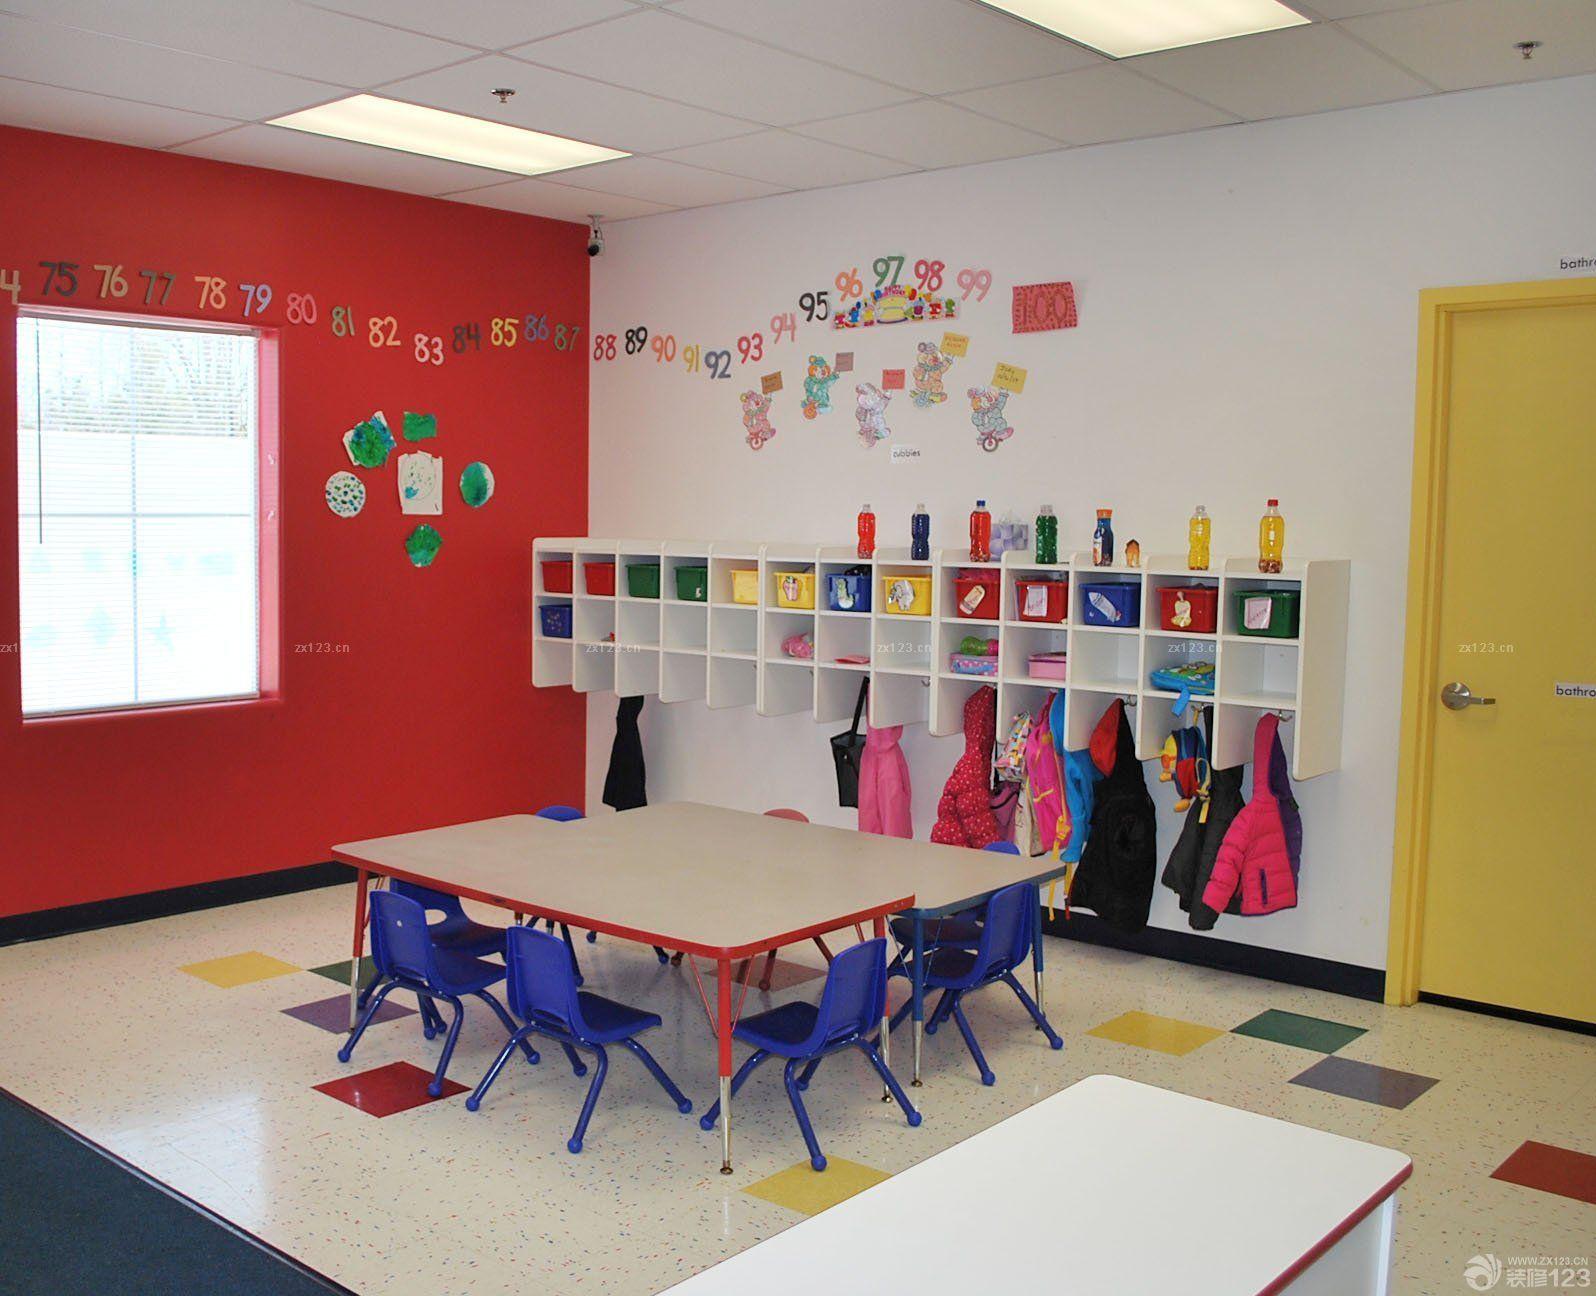 高端幼儿园室内墙面置物架装修效果图片